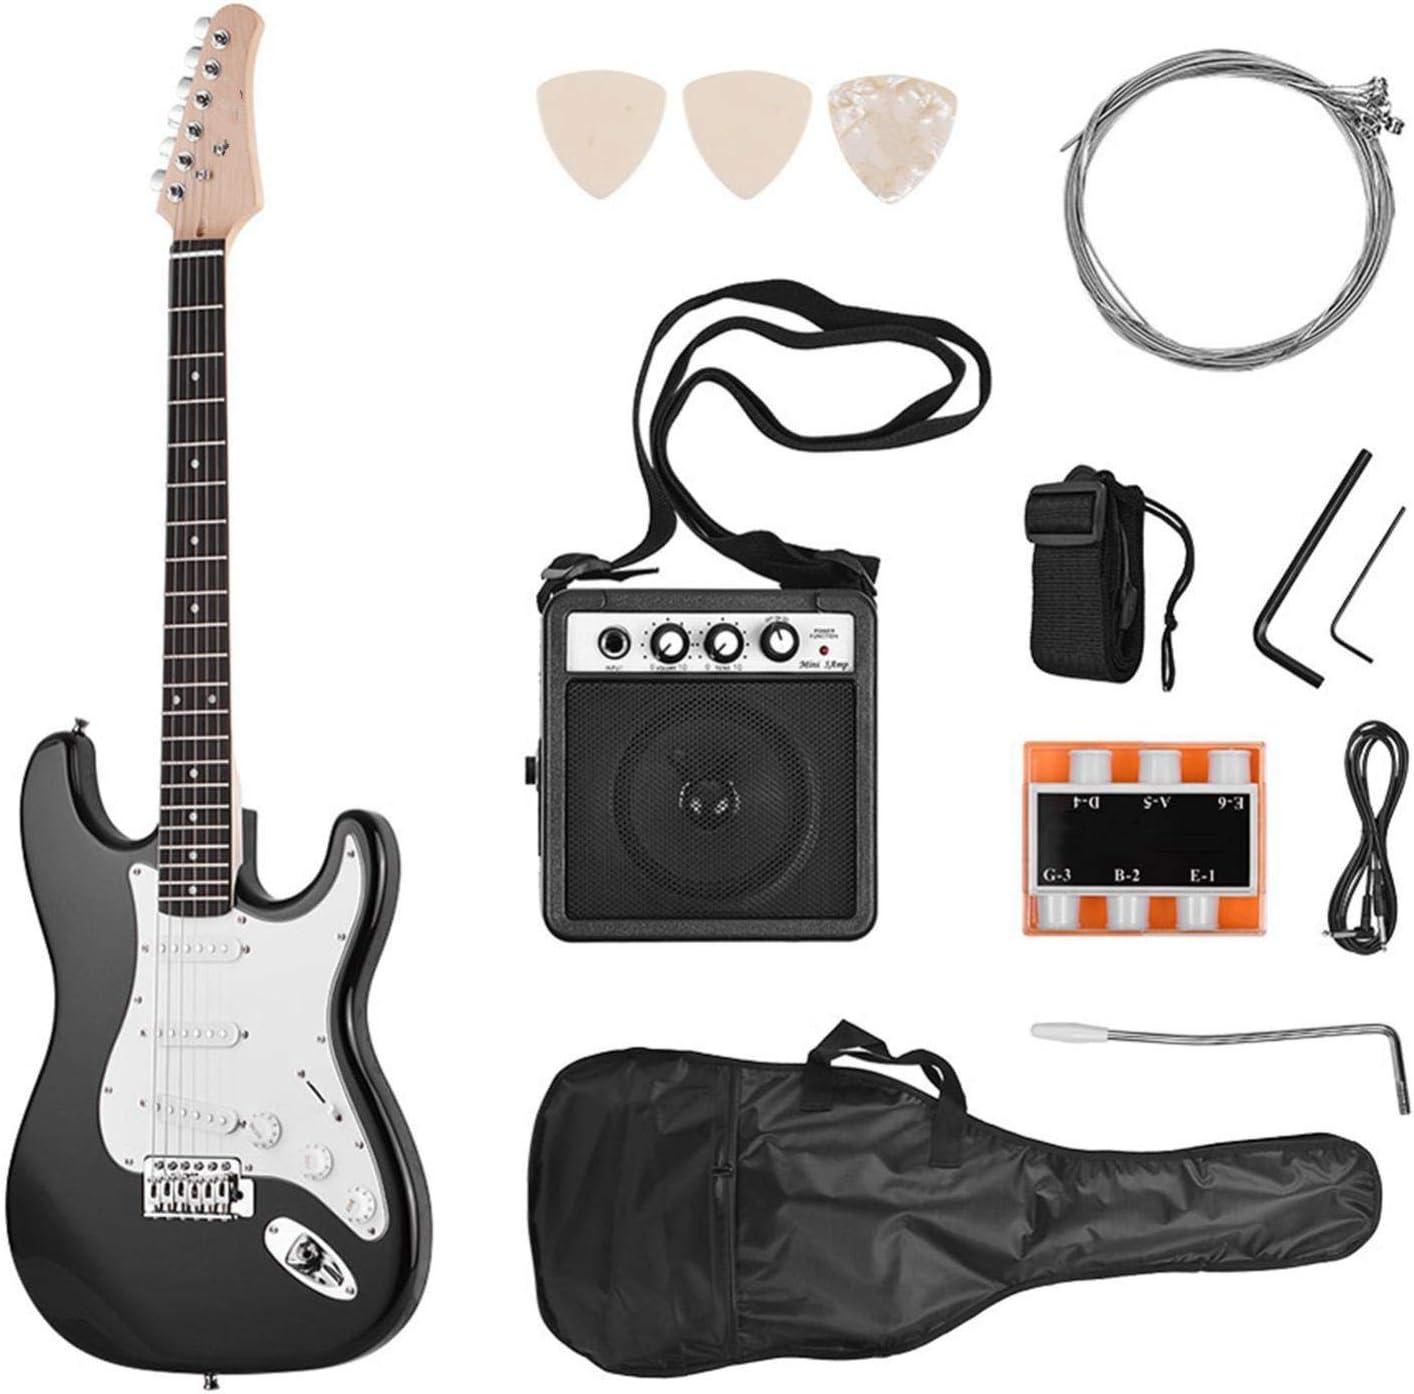 KEPOHK Guitarra eléctrica Madera maciza Paulownia Cuerpo 21 trastes 6 cuerdas con altavoz Pitch Pipe Guitar Bag Correa Selecciones Mano derecha Negro-Mano derecha